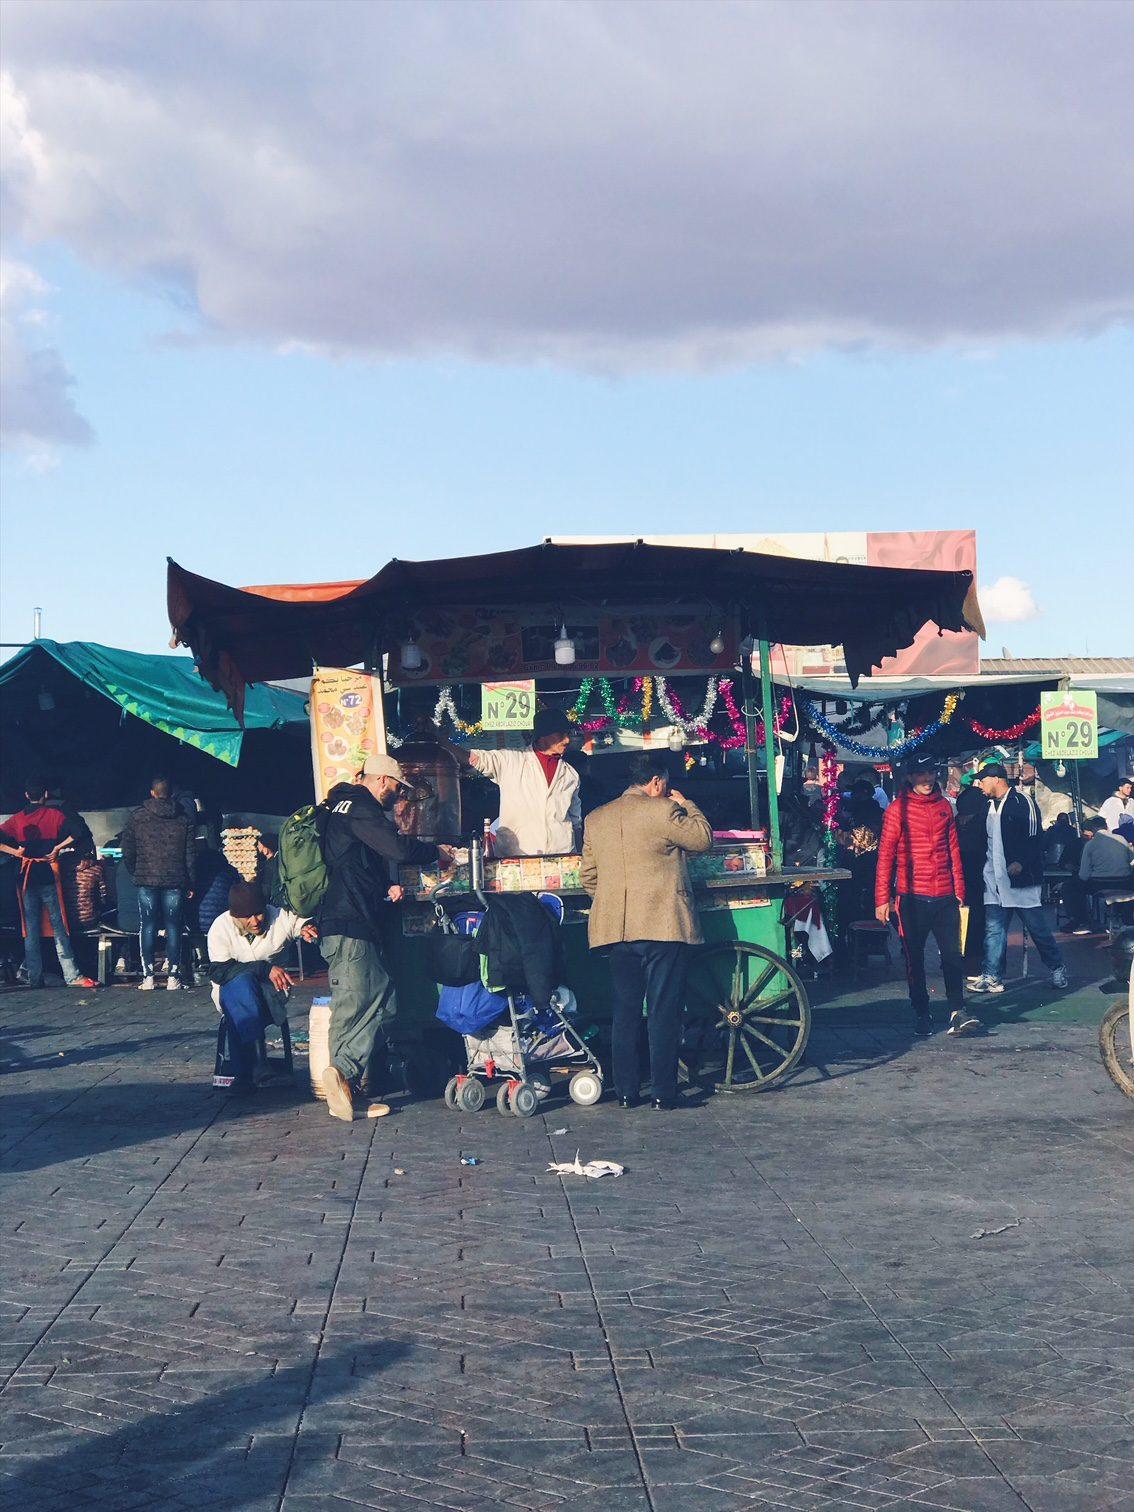 Voyage au Maroc Marrakech place jamaa el-fnaa stande 28 de Khoudenjal